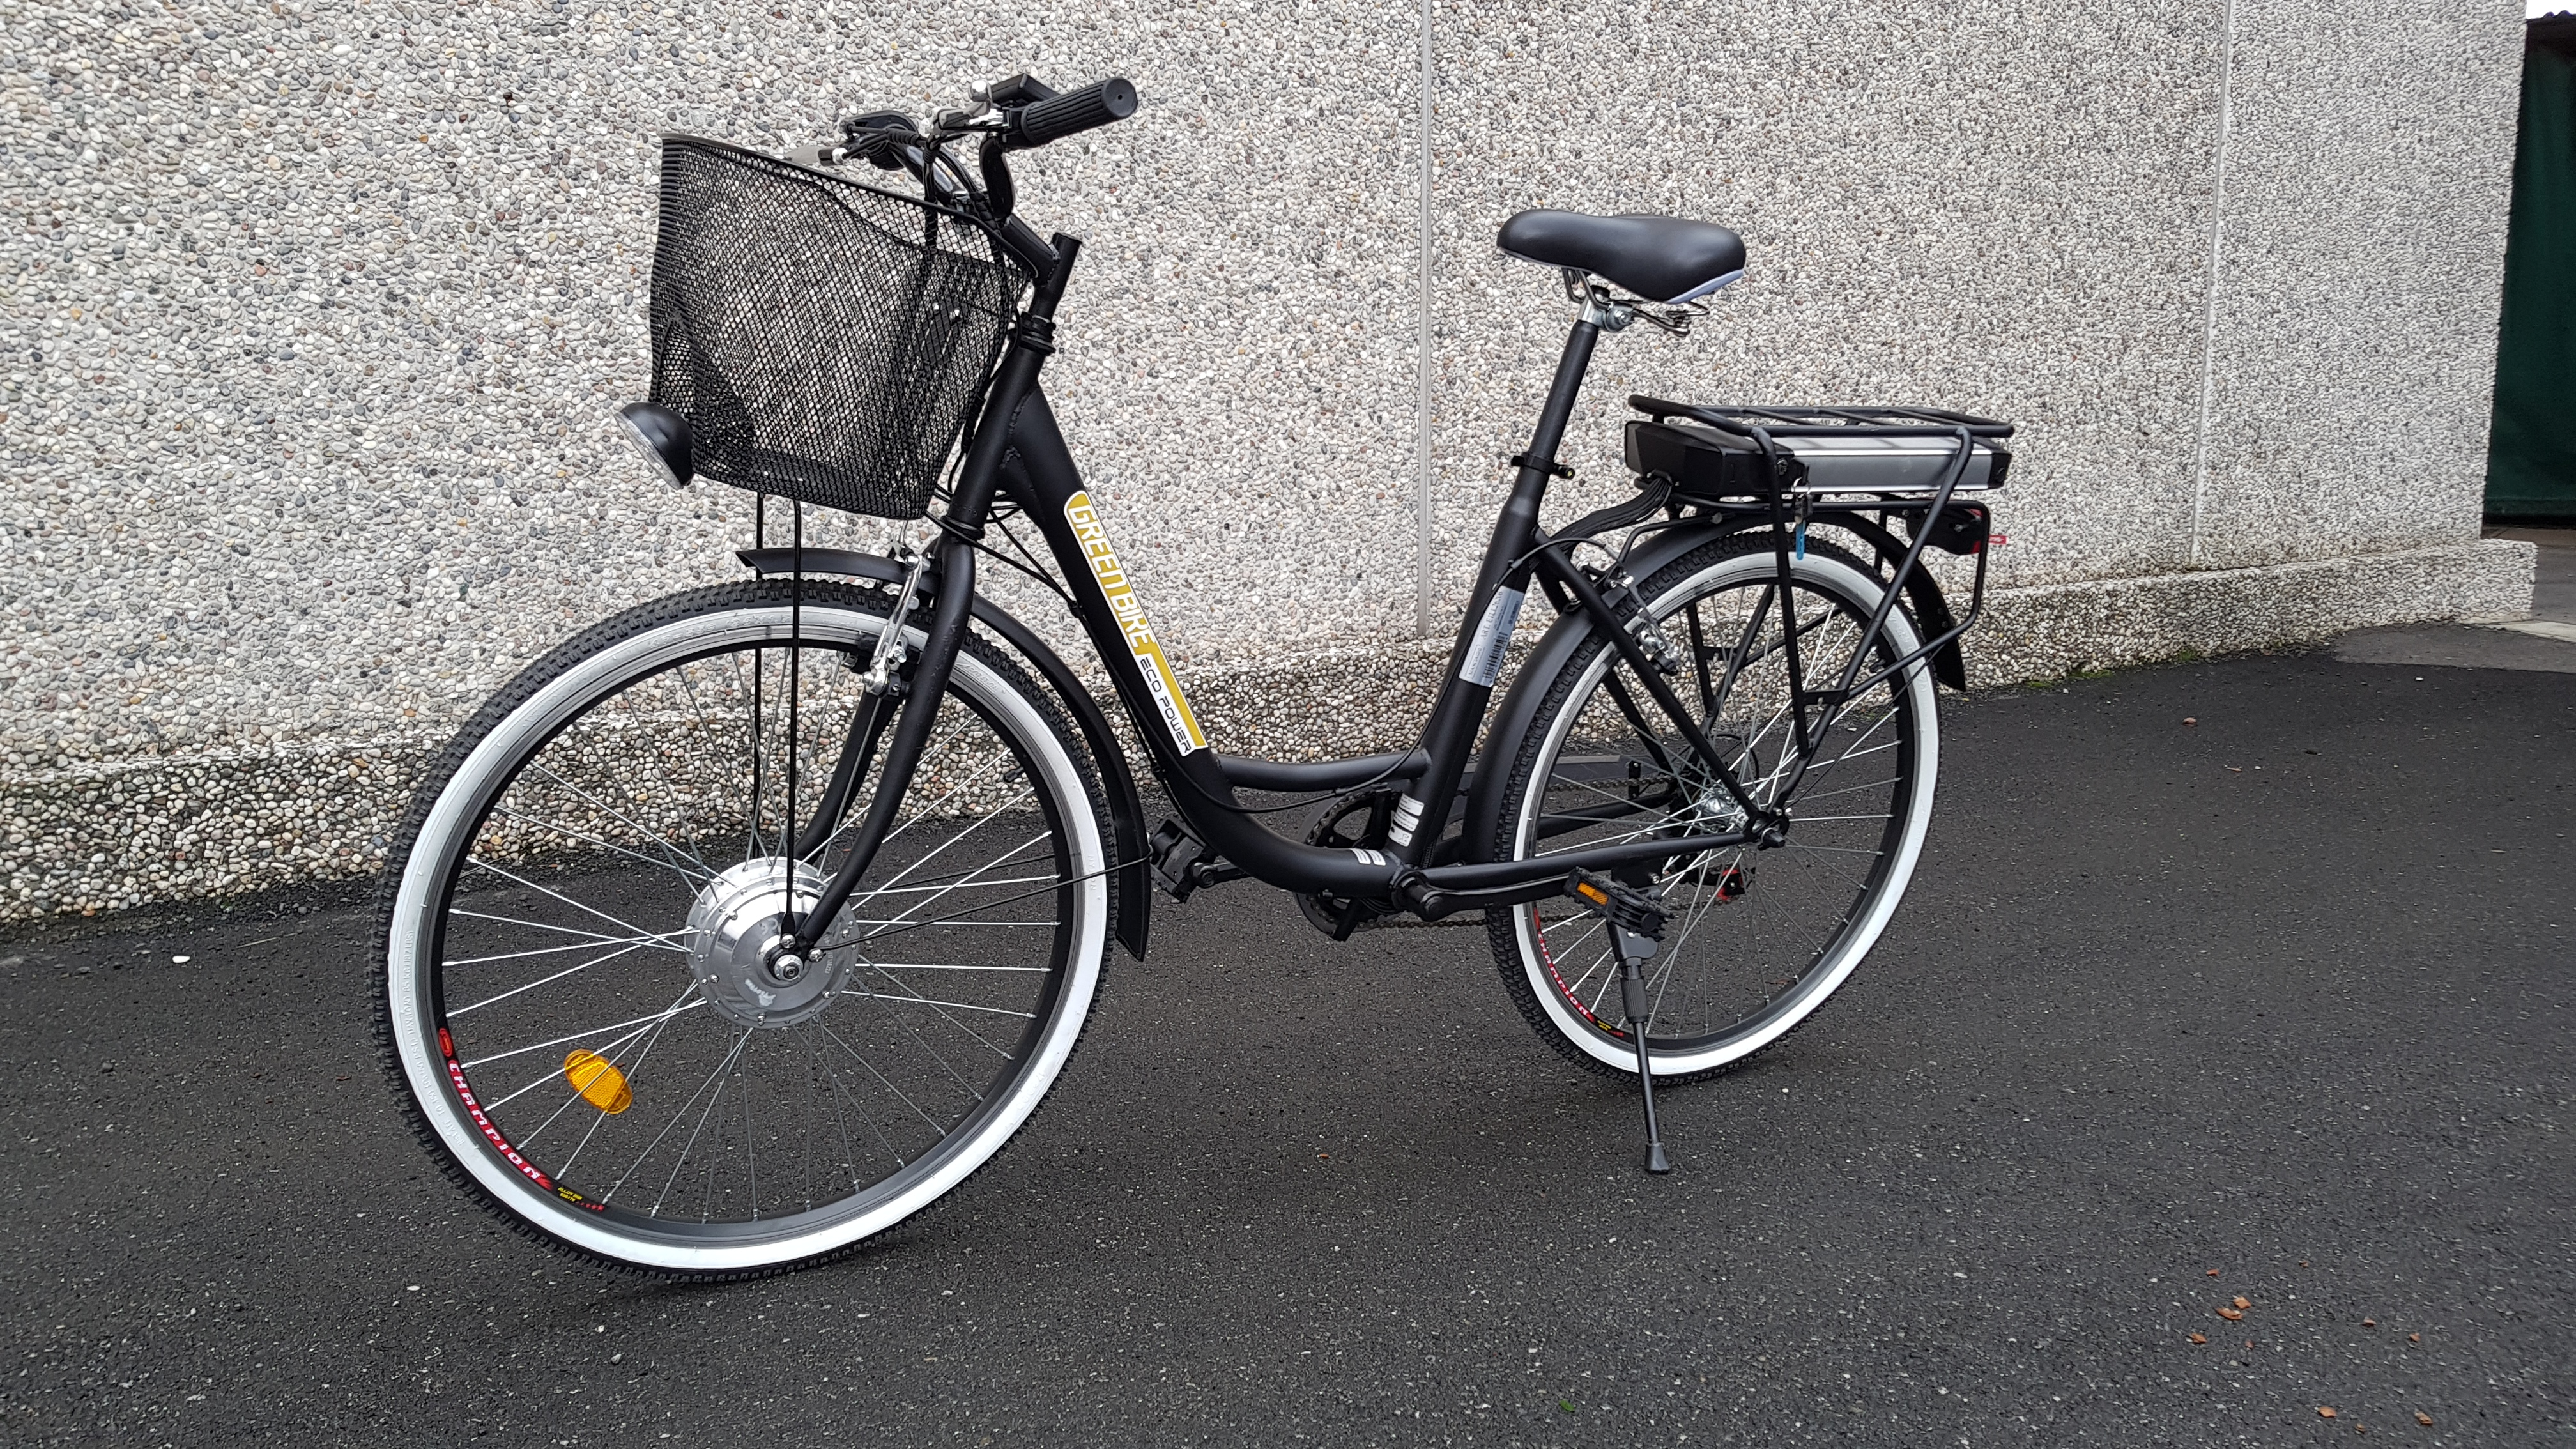 Bicicletta Elettrica Con Pedalata Assistita A Soli 699 Rovera Shop